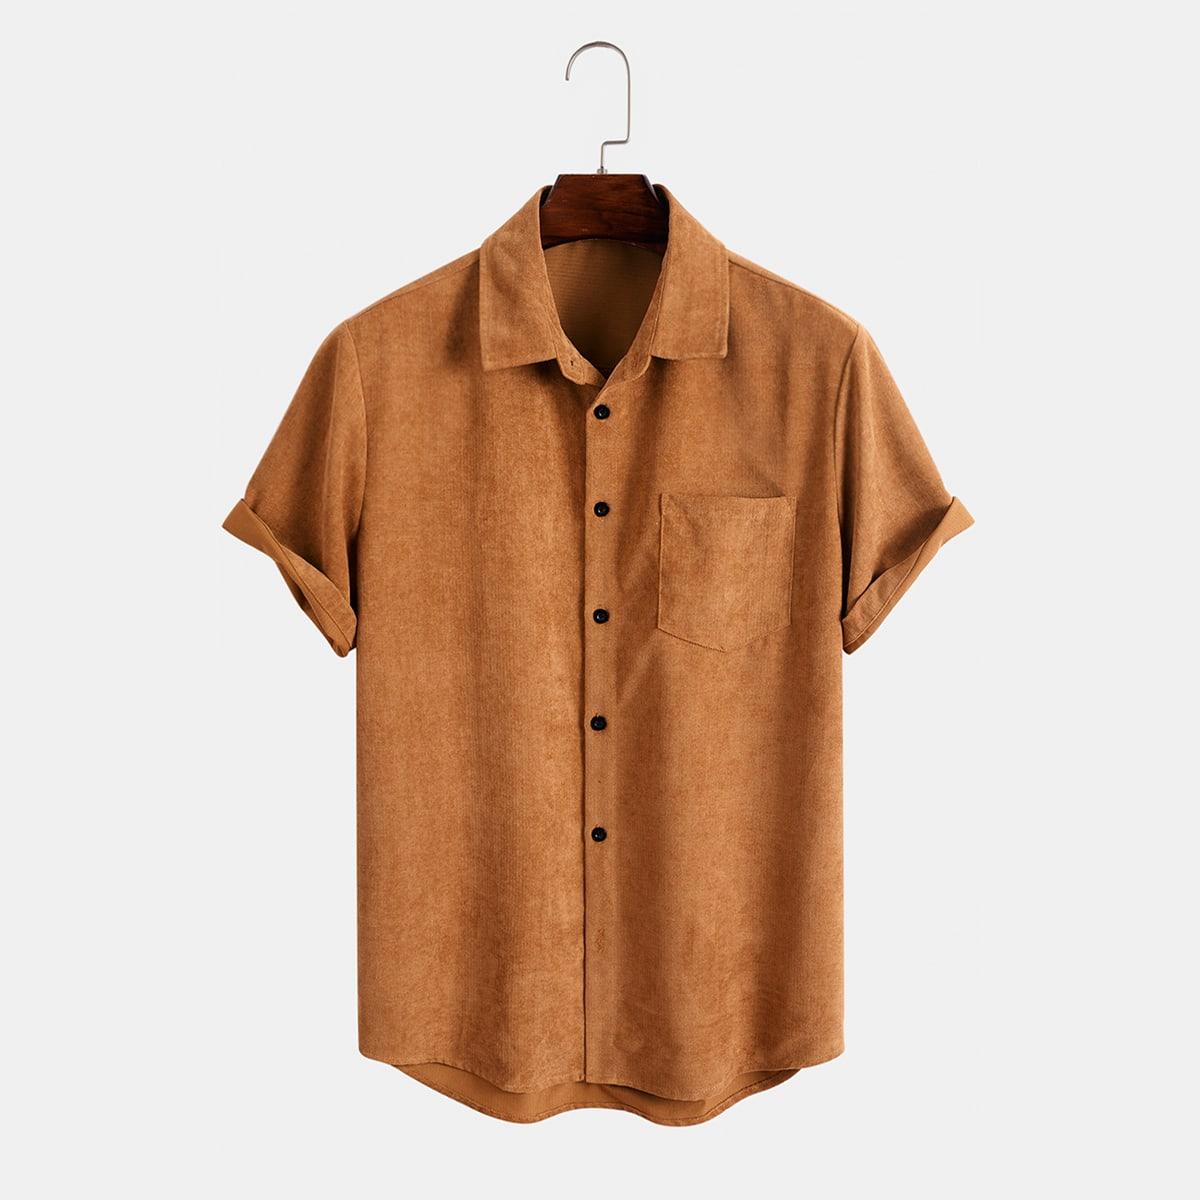 Мужской Рубашка с карманом на пуговицах